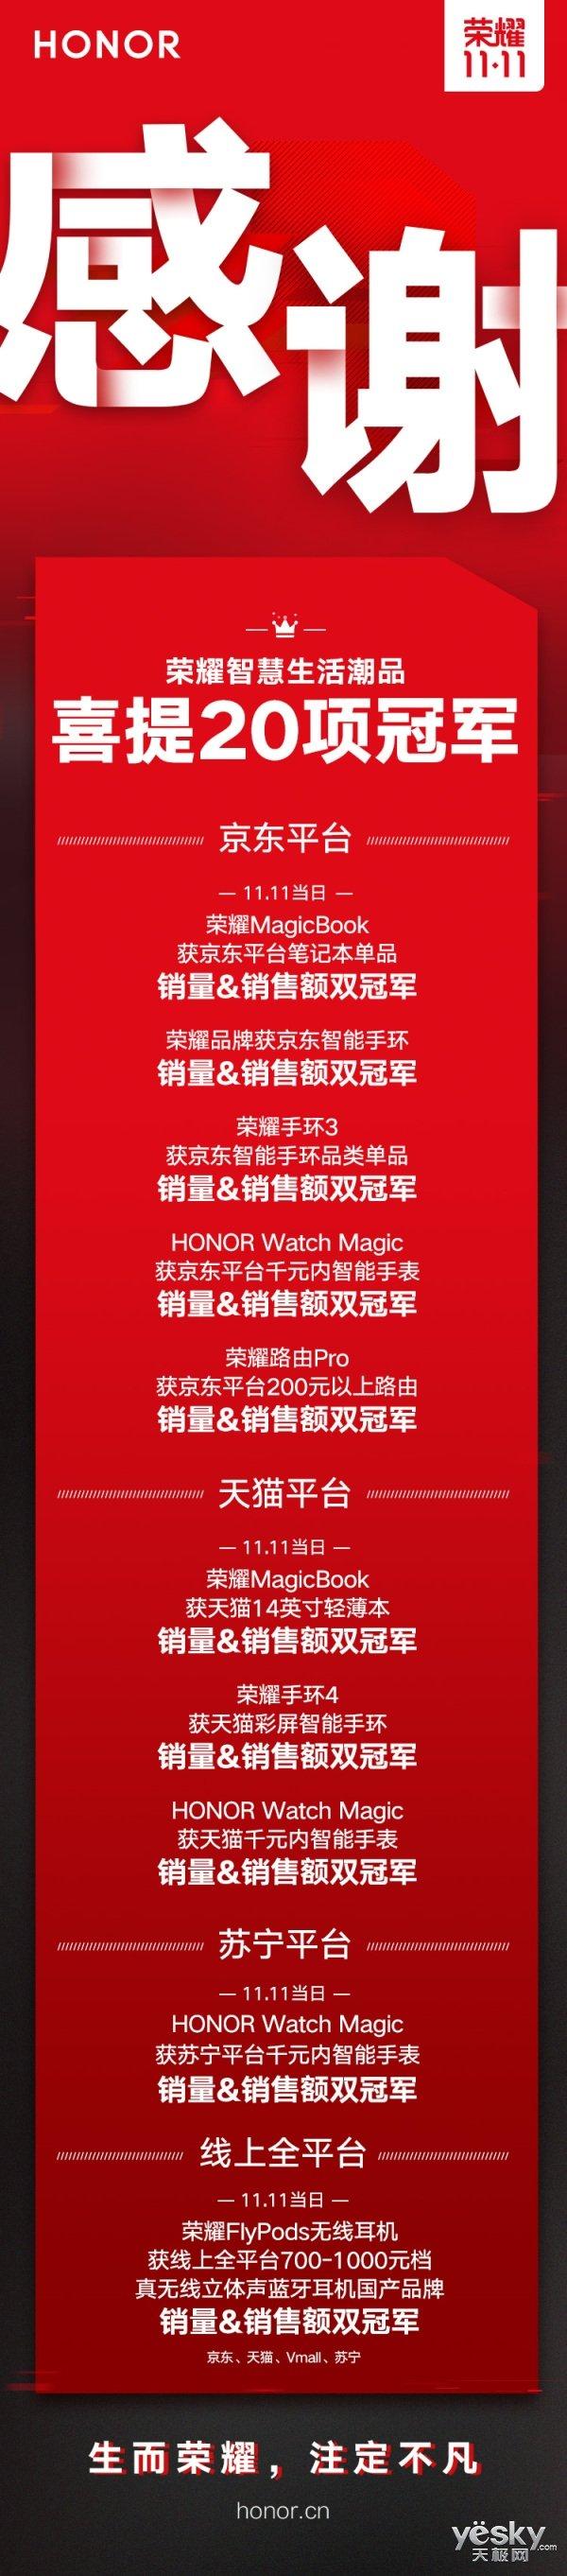 传统强势苹果三星痛失重要双冠?荣耀Magic2缘何重拾中国手机信心